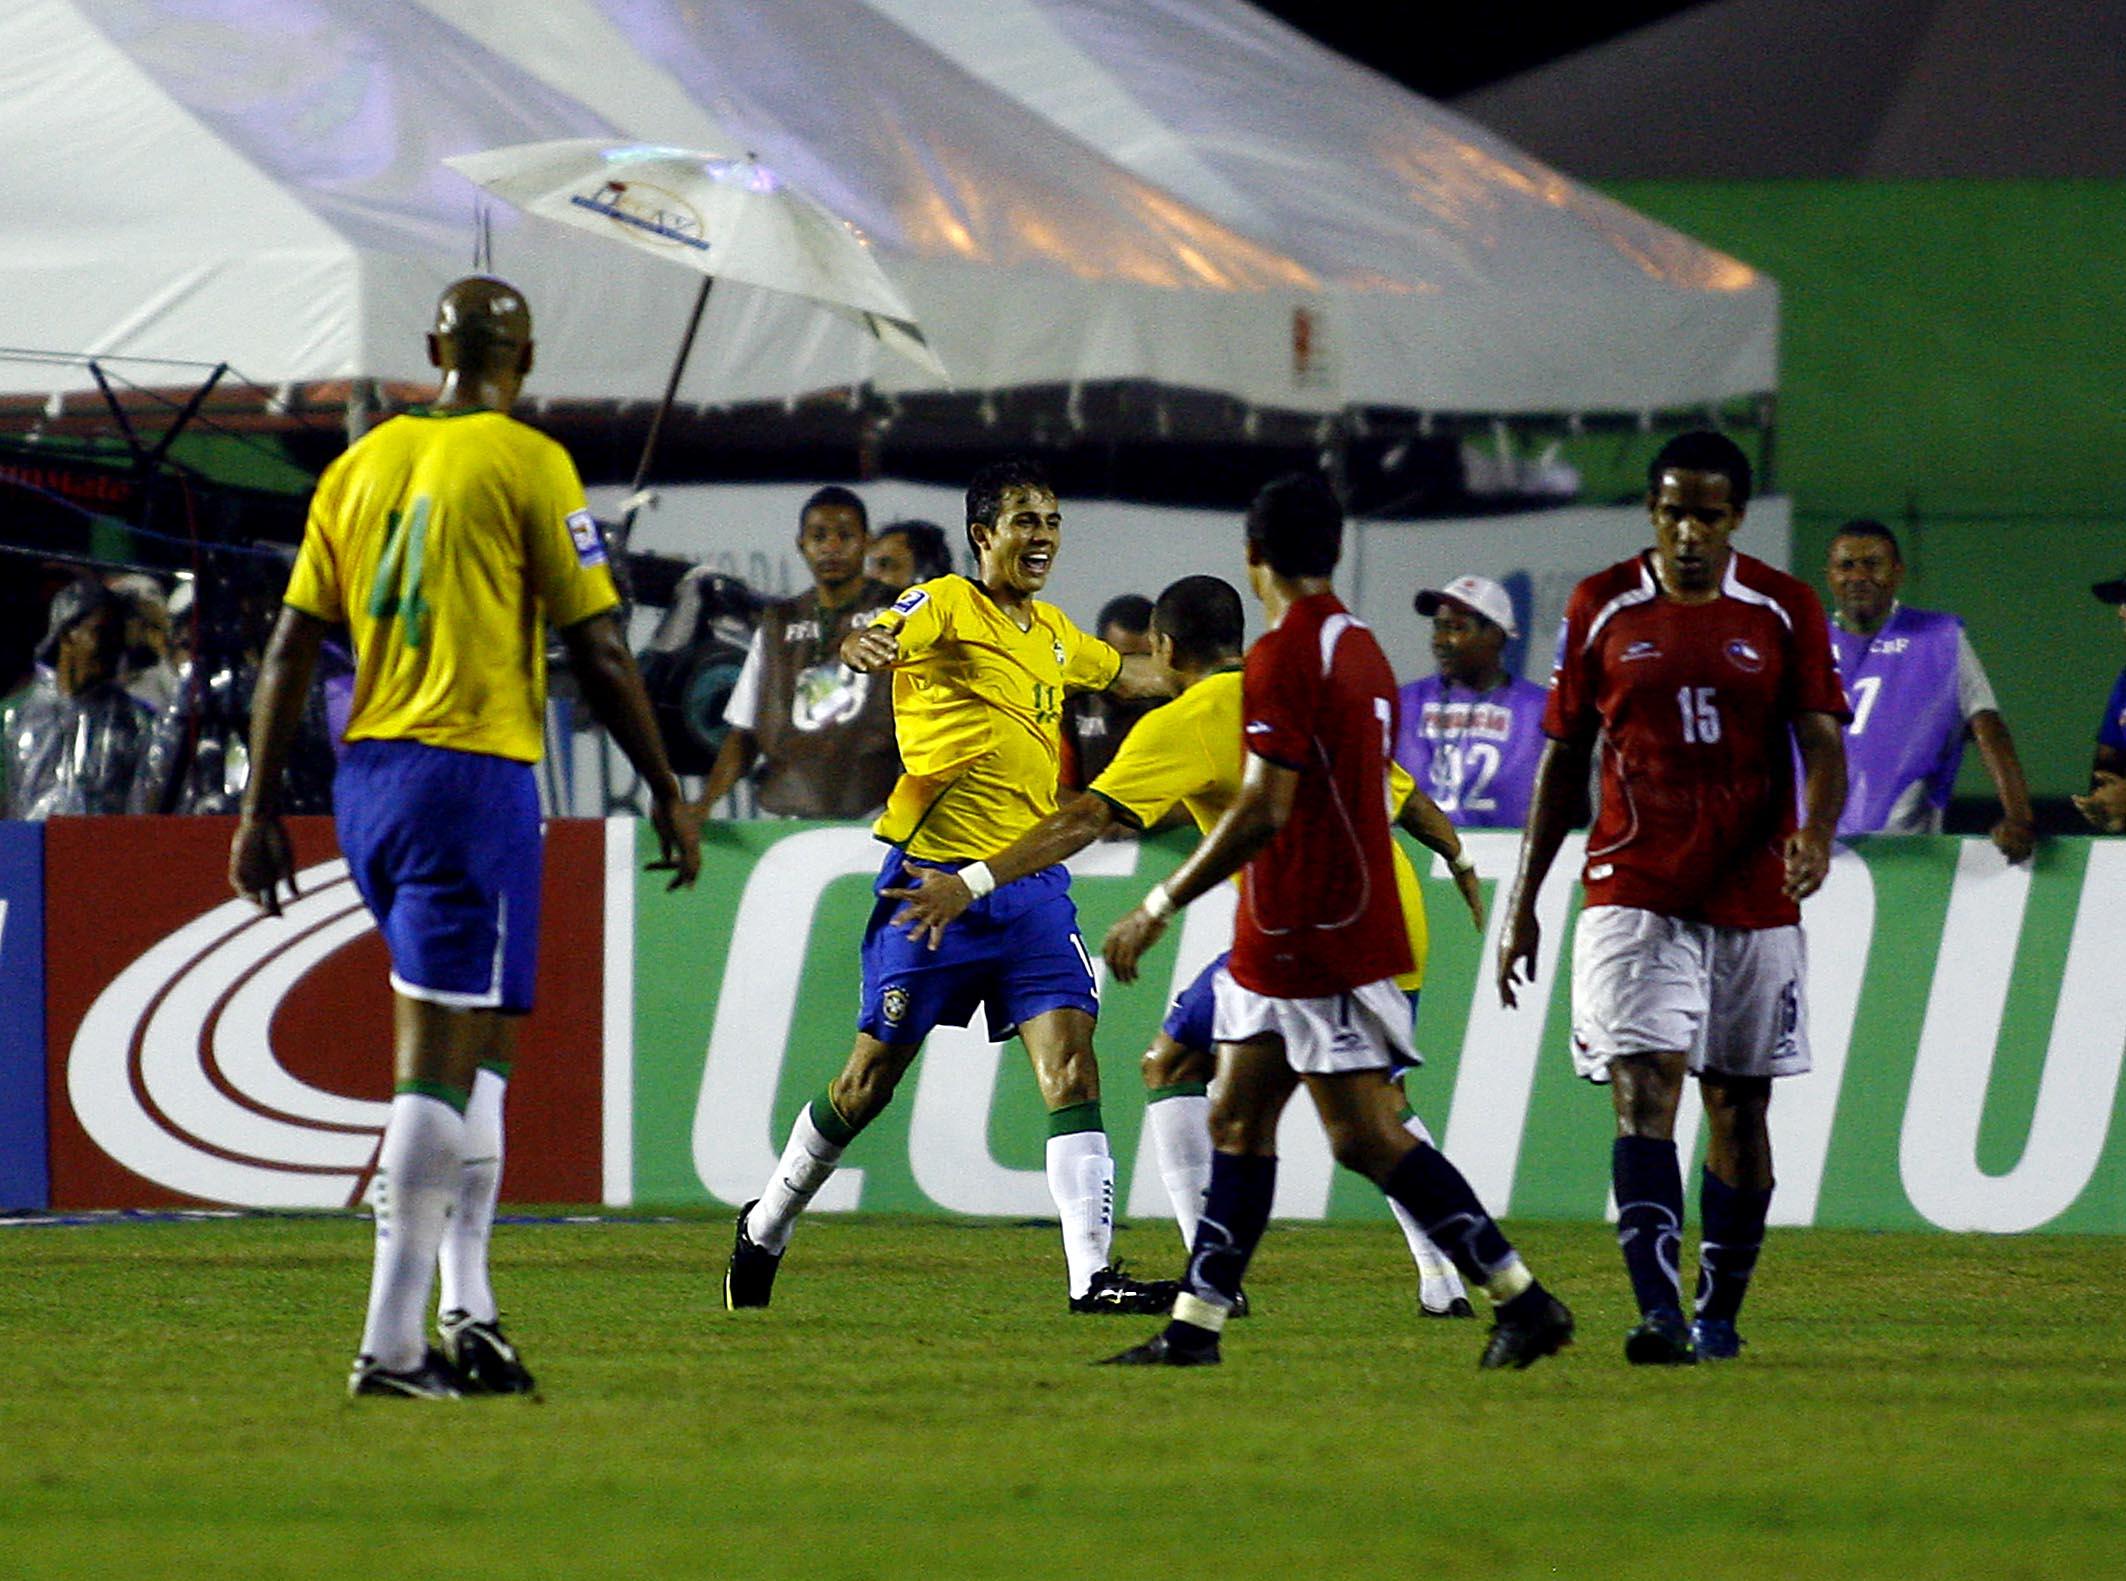 Foto: Divulgação VIPCOMM